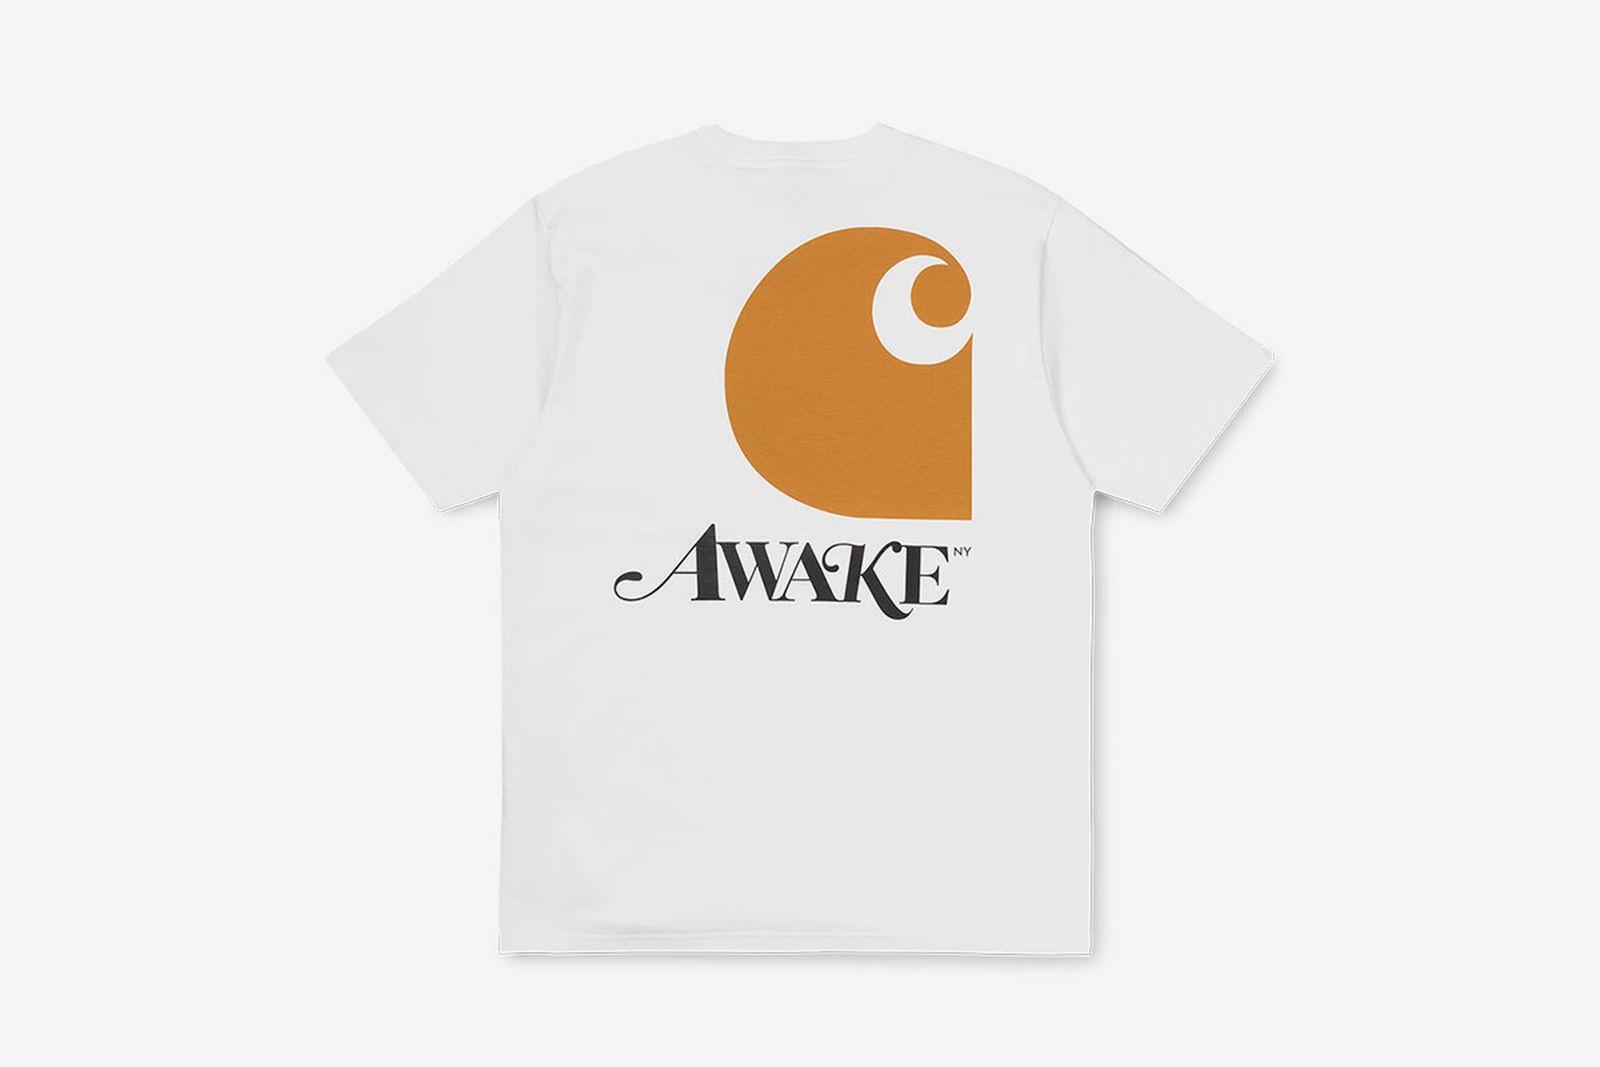 carhartt-wip-awake-ny-ss20-1-05